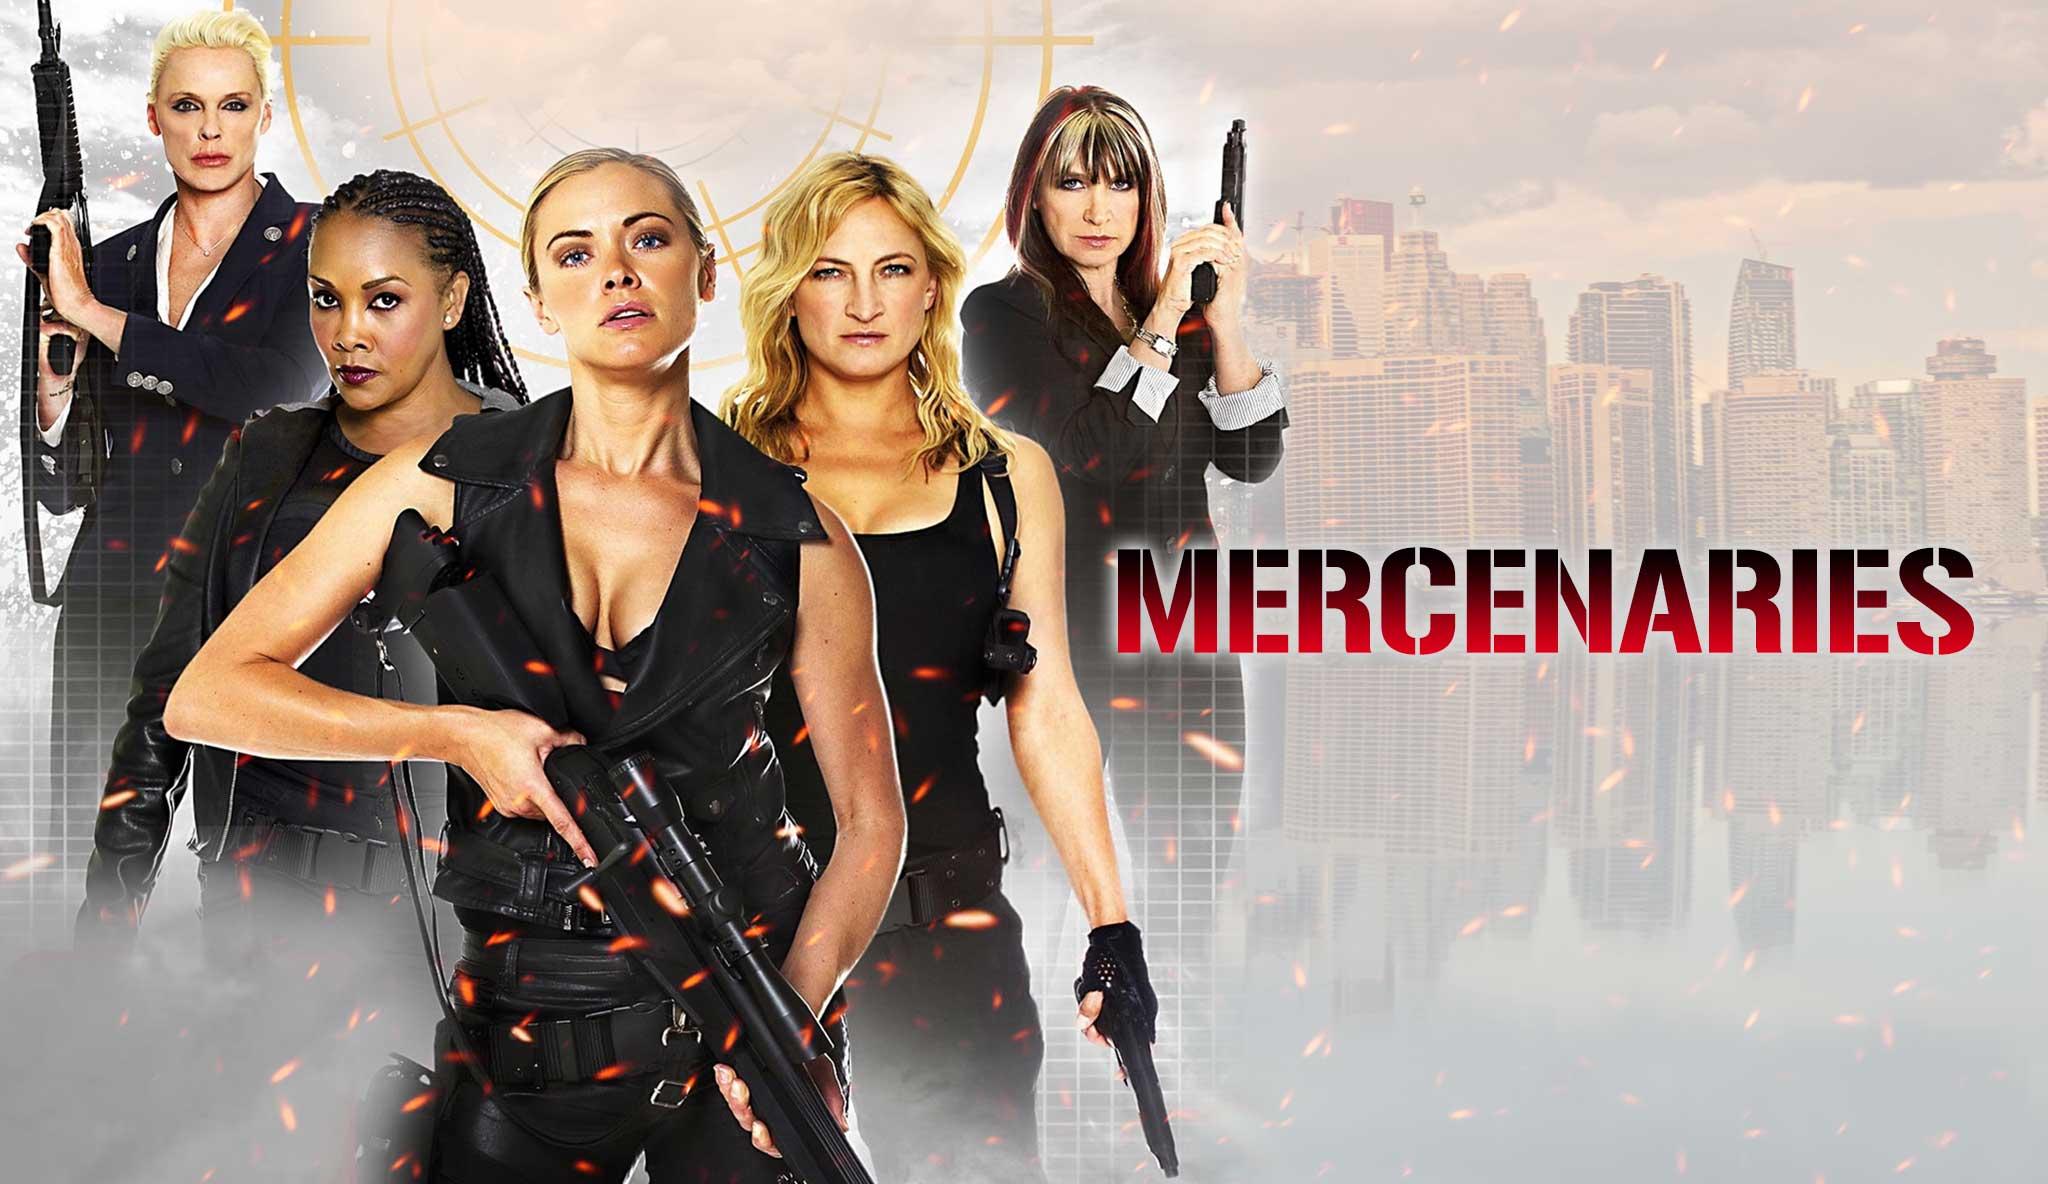 mercenaries\header.jpg